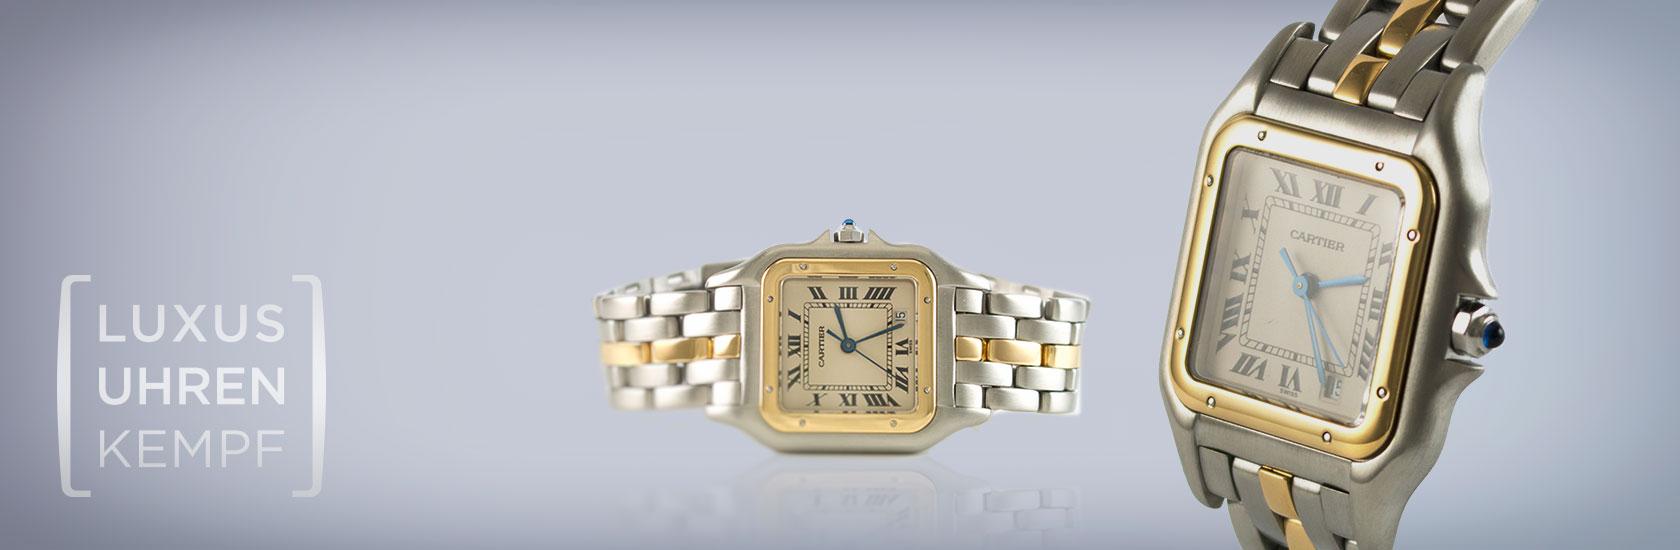 Luxusuhren Kempf - Ankaugf von gebrauchten Cartier Uhren